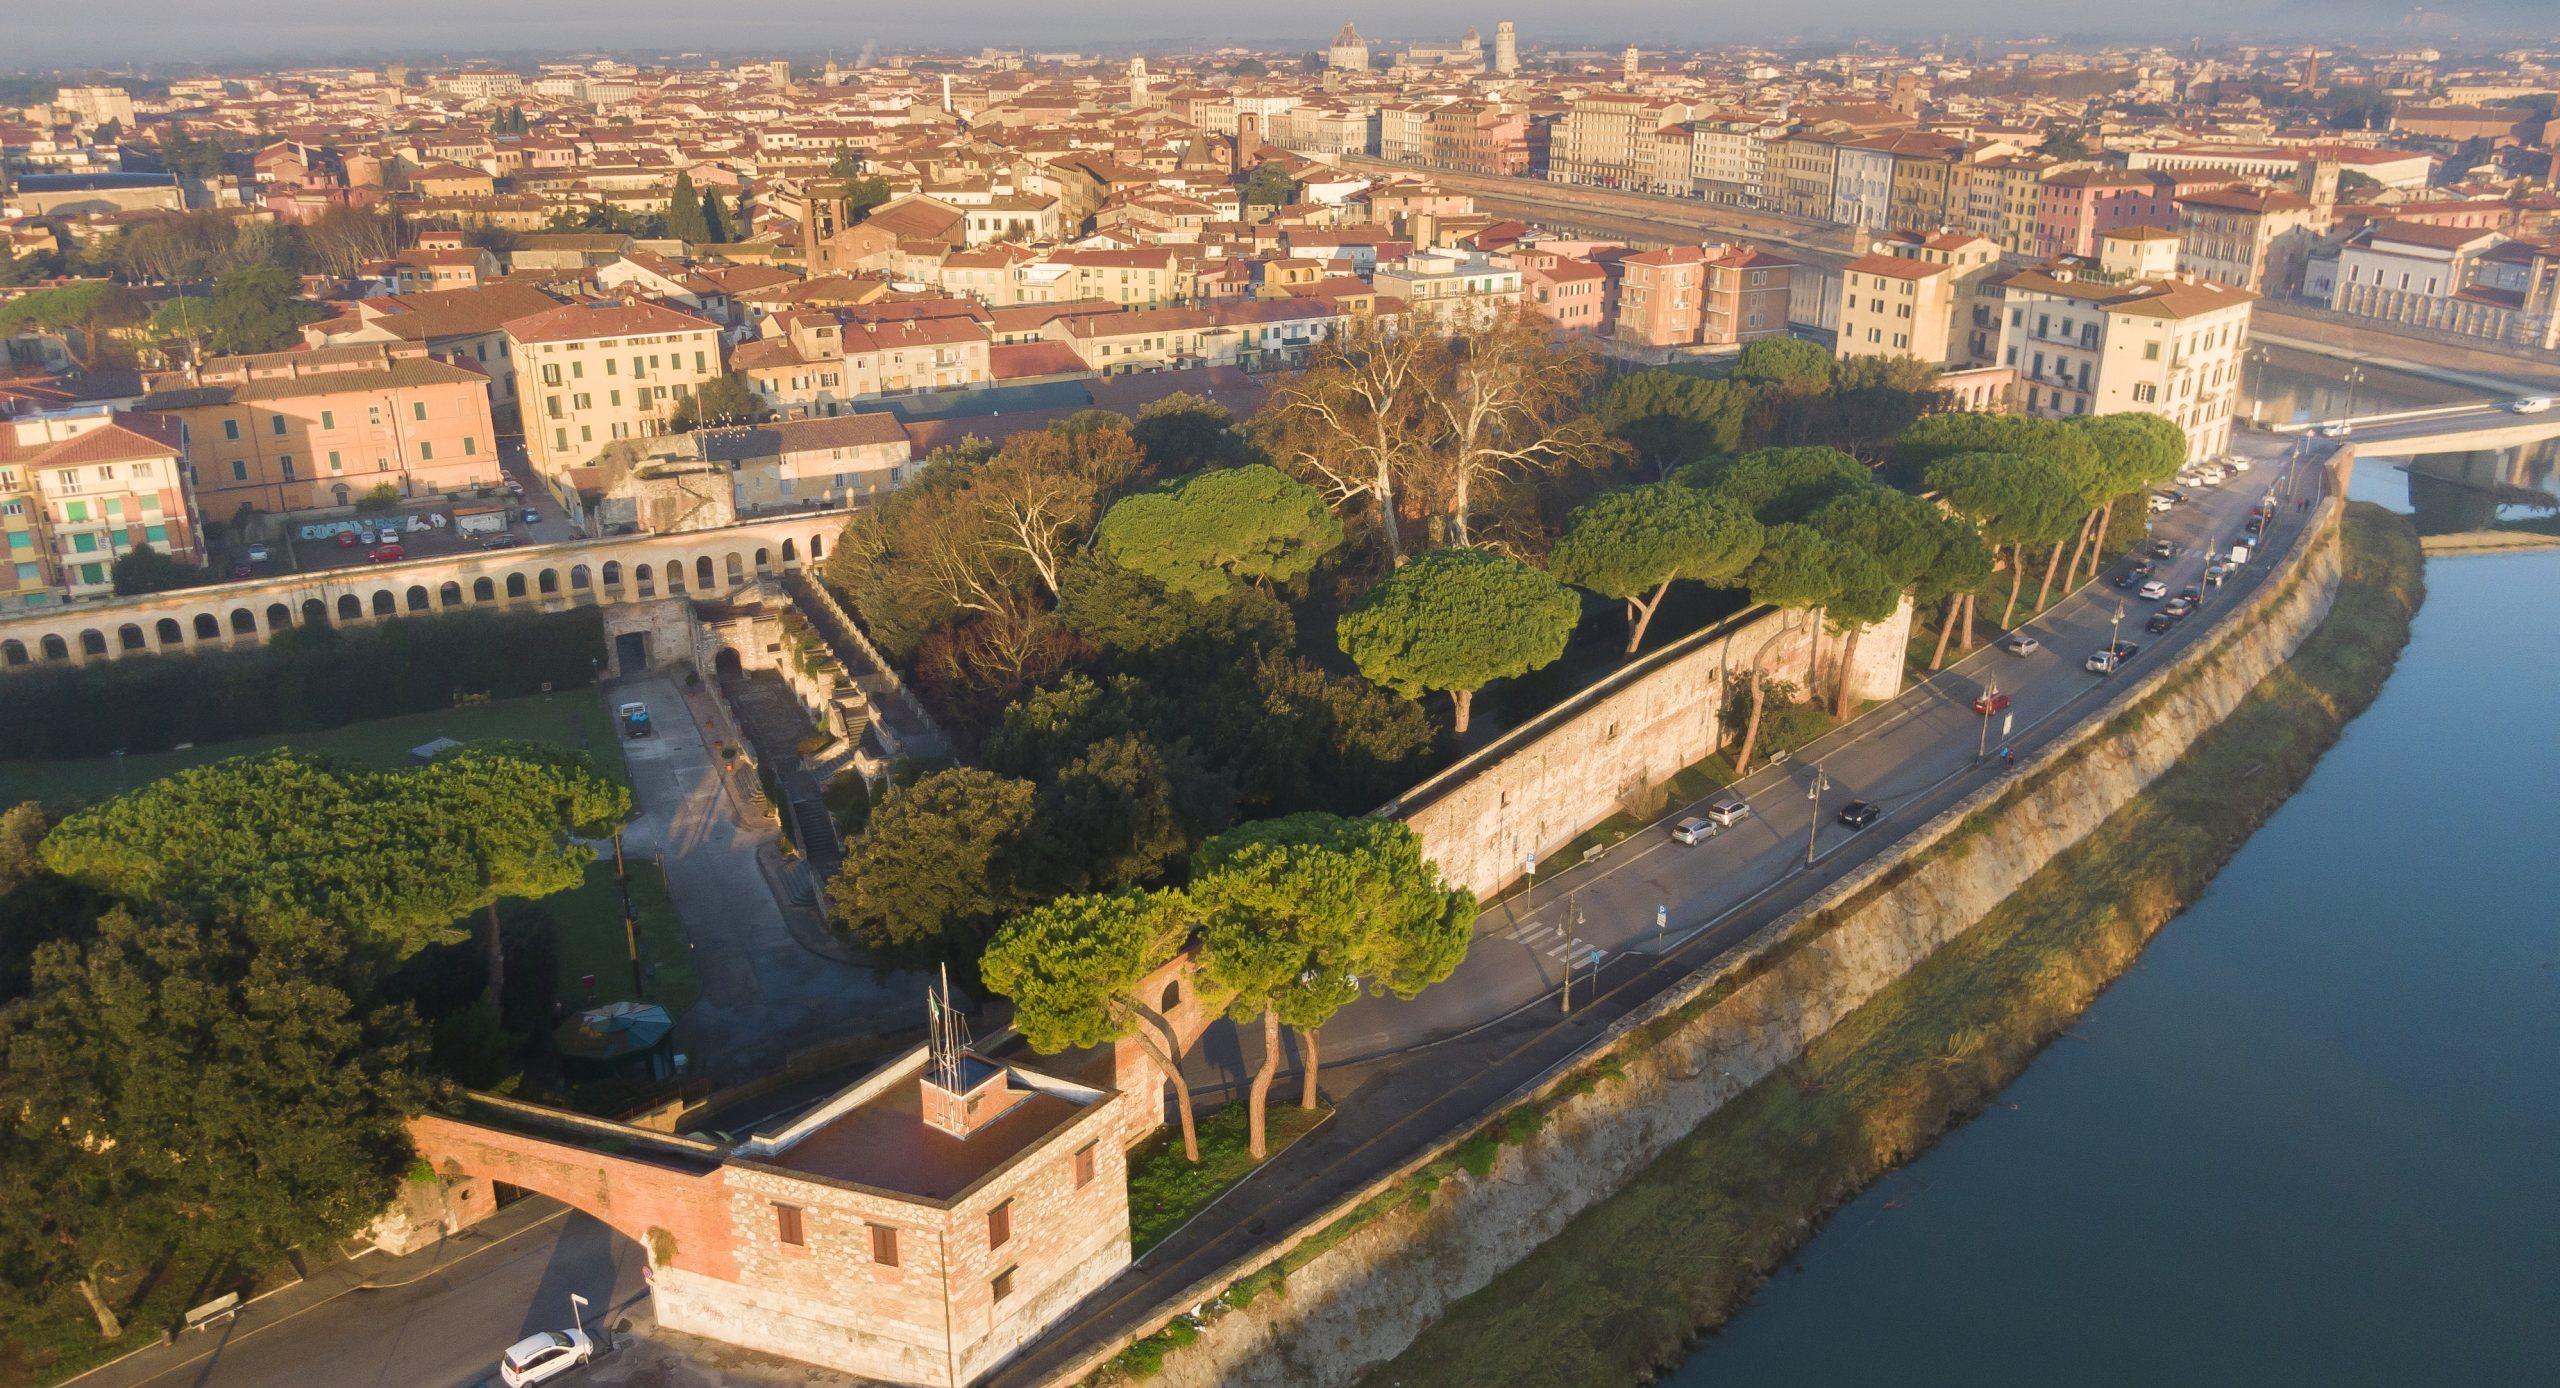 Natura, mare, street art: 3 giorni per Pisa insolita